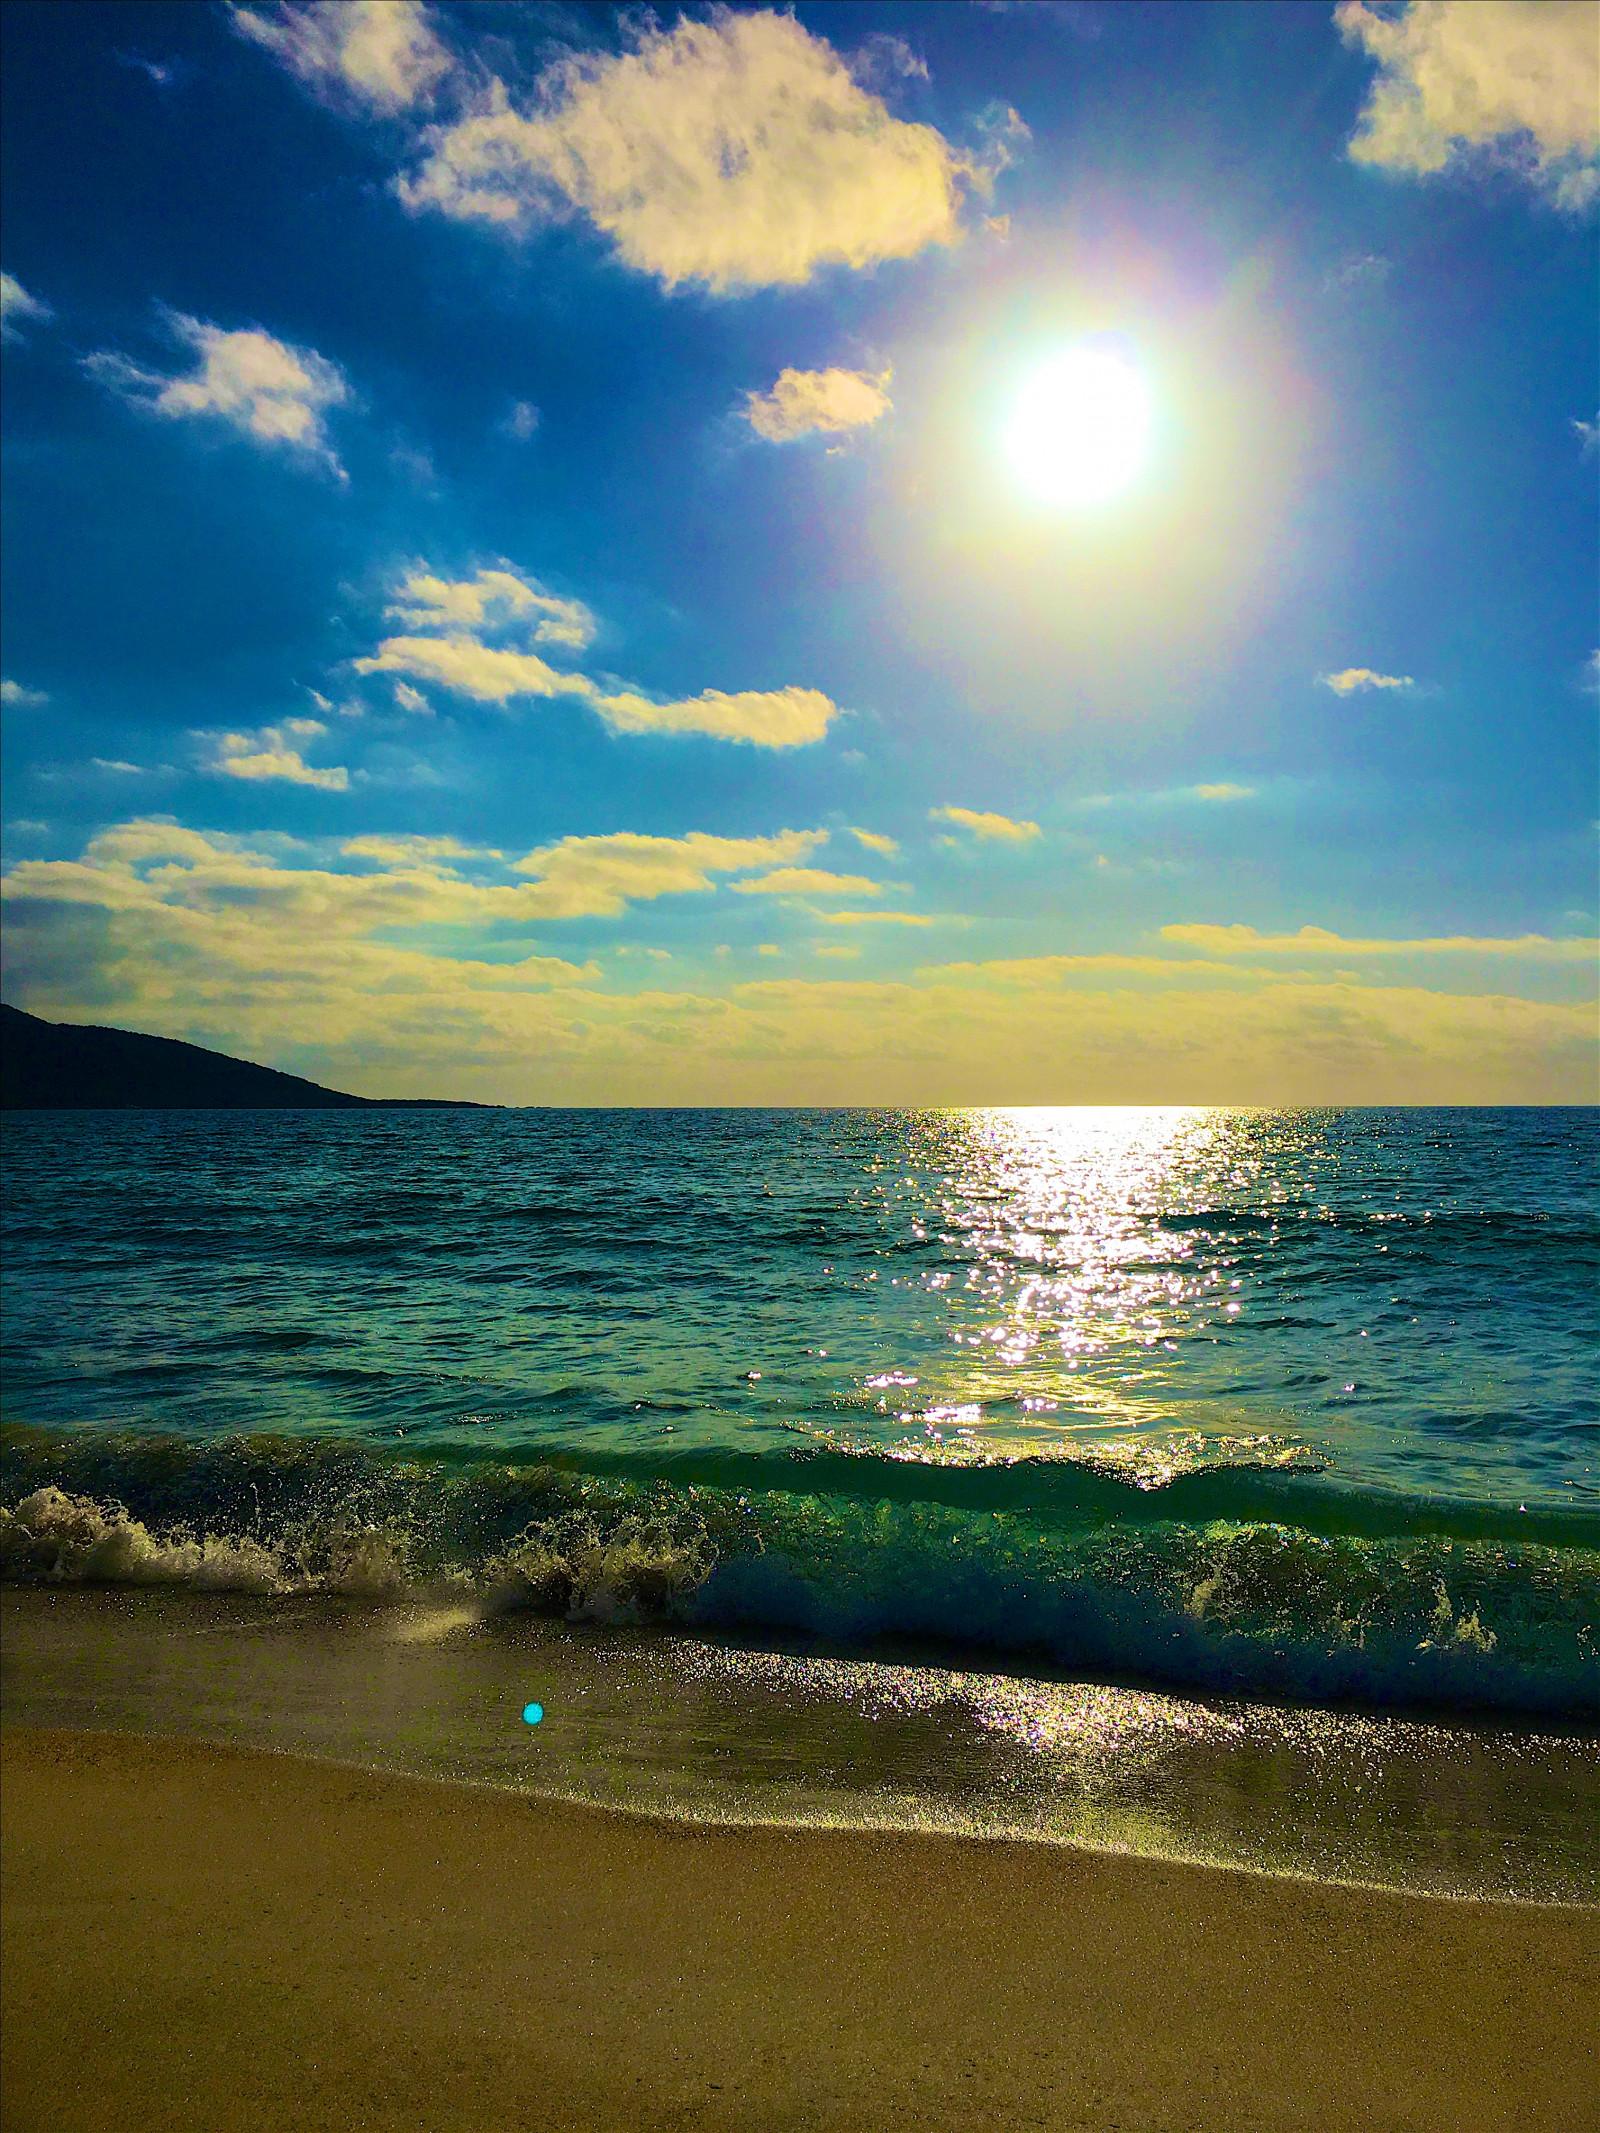 работ картинка море солнечный день прекрасно подойдут